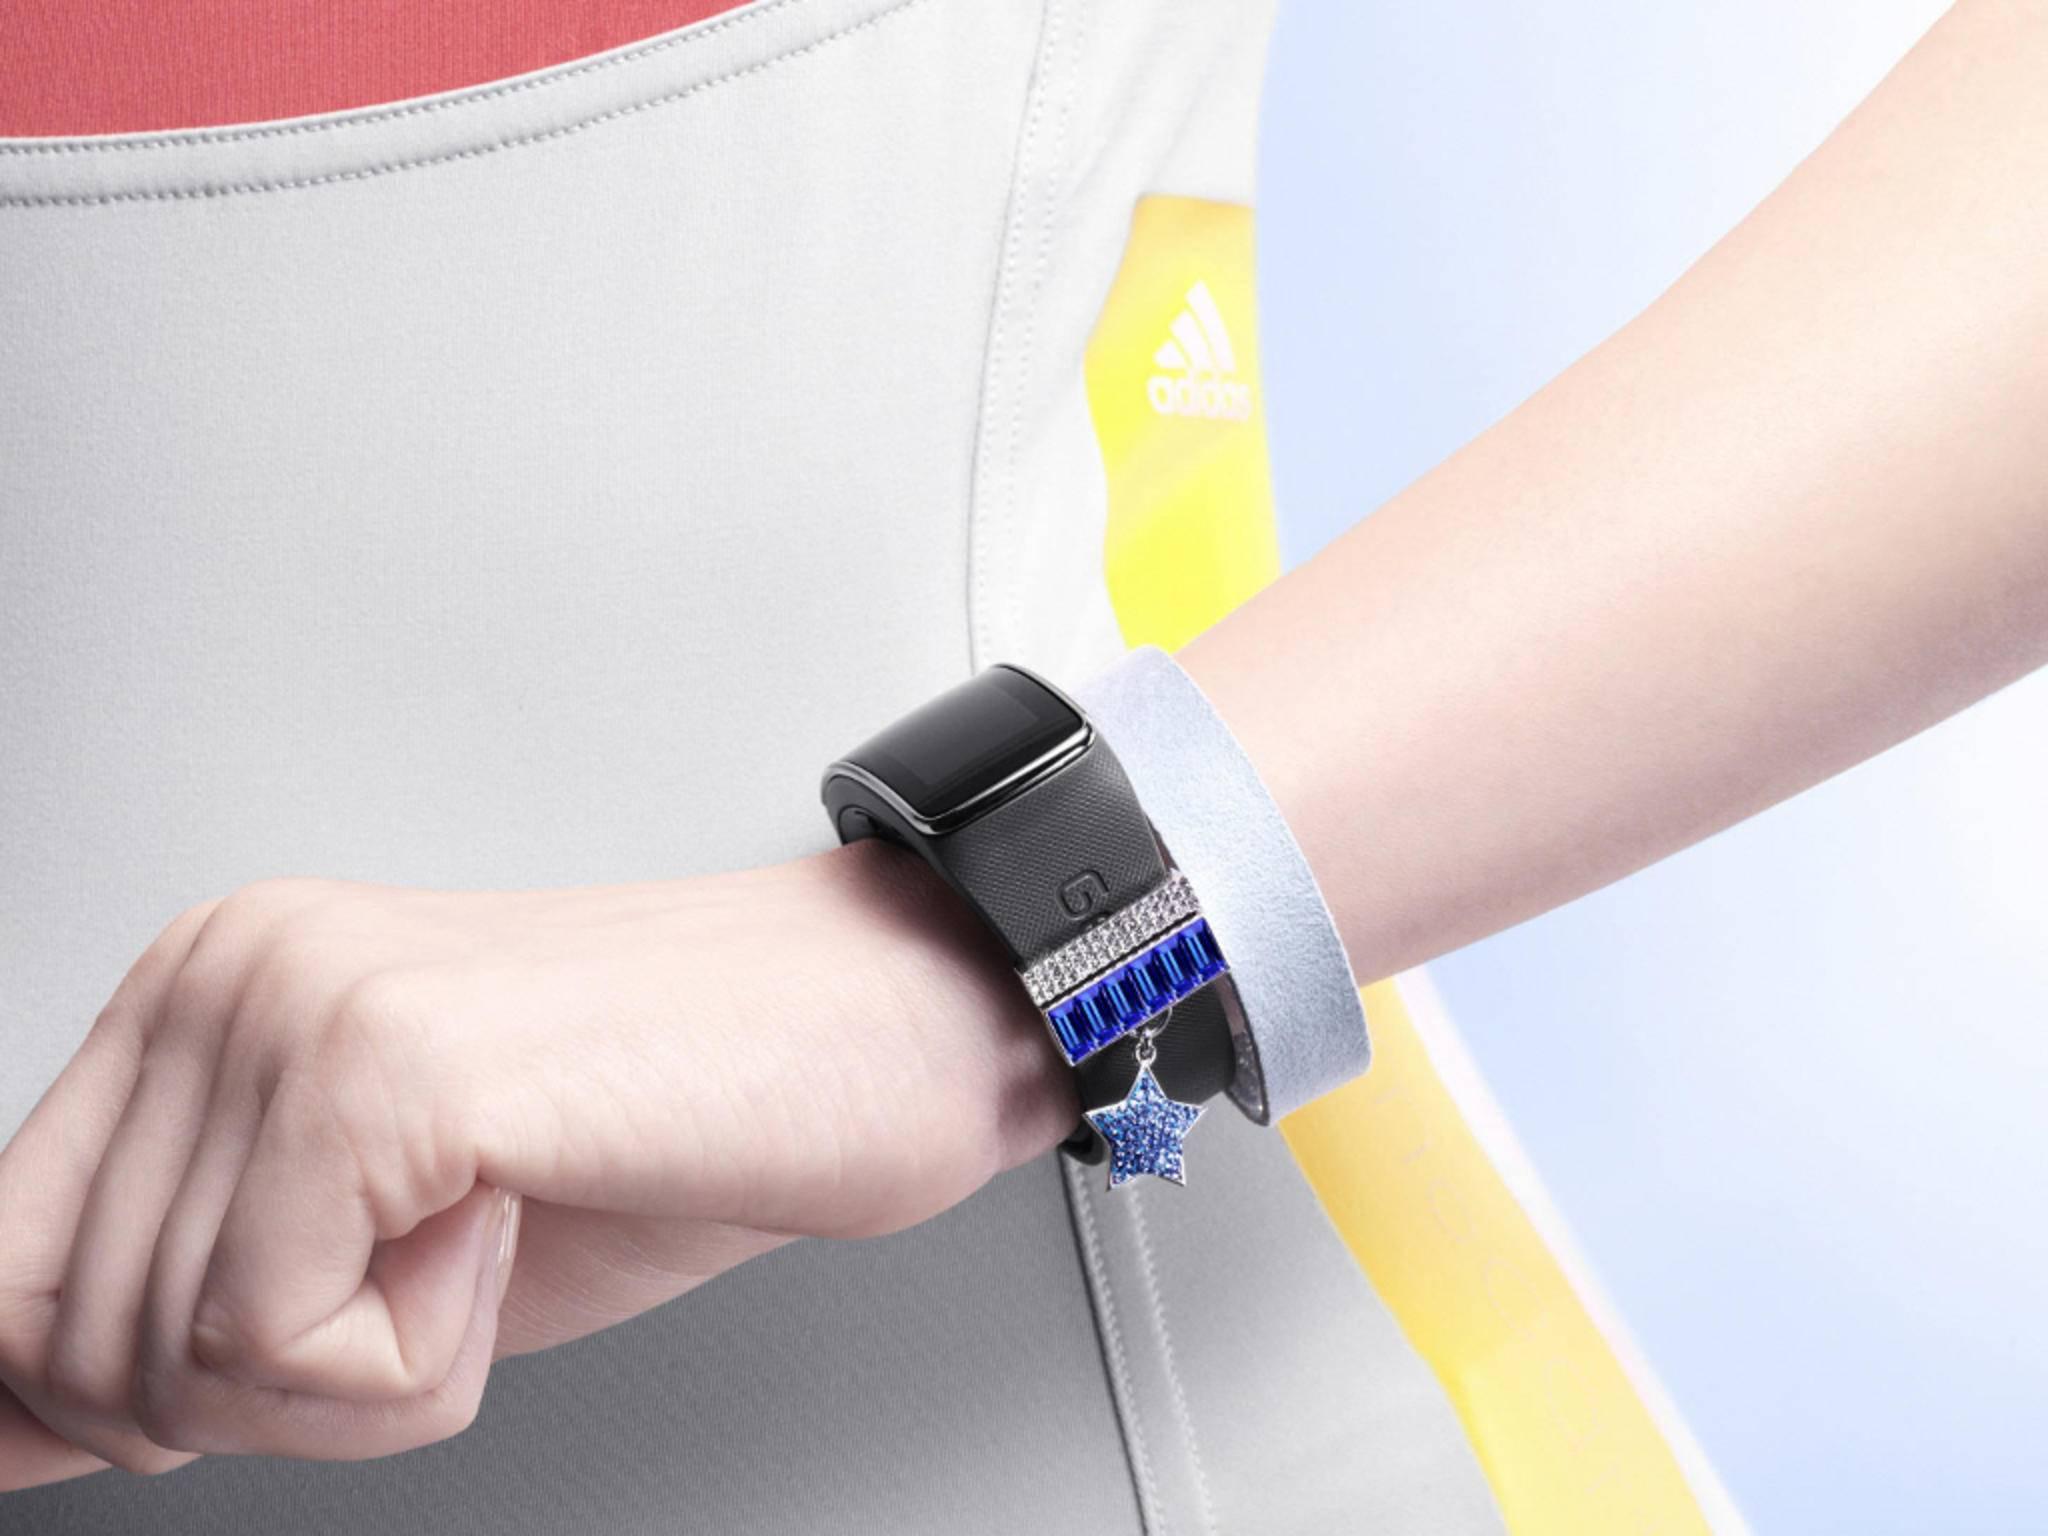 Das Samsung Gear Fit ist schon eineinhalb Jahre alt.